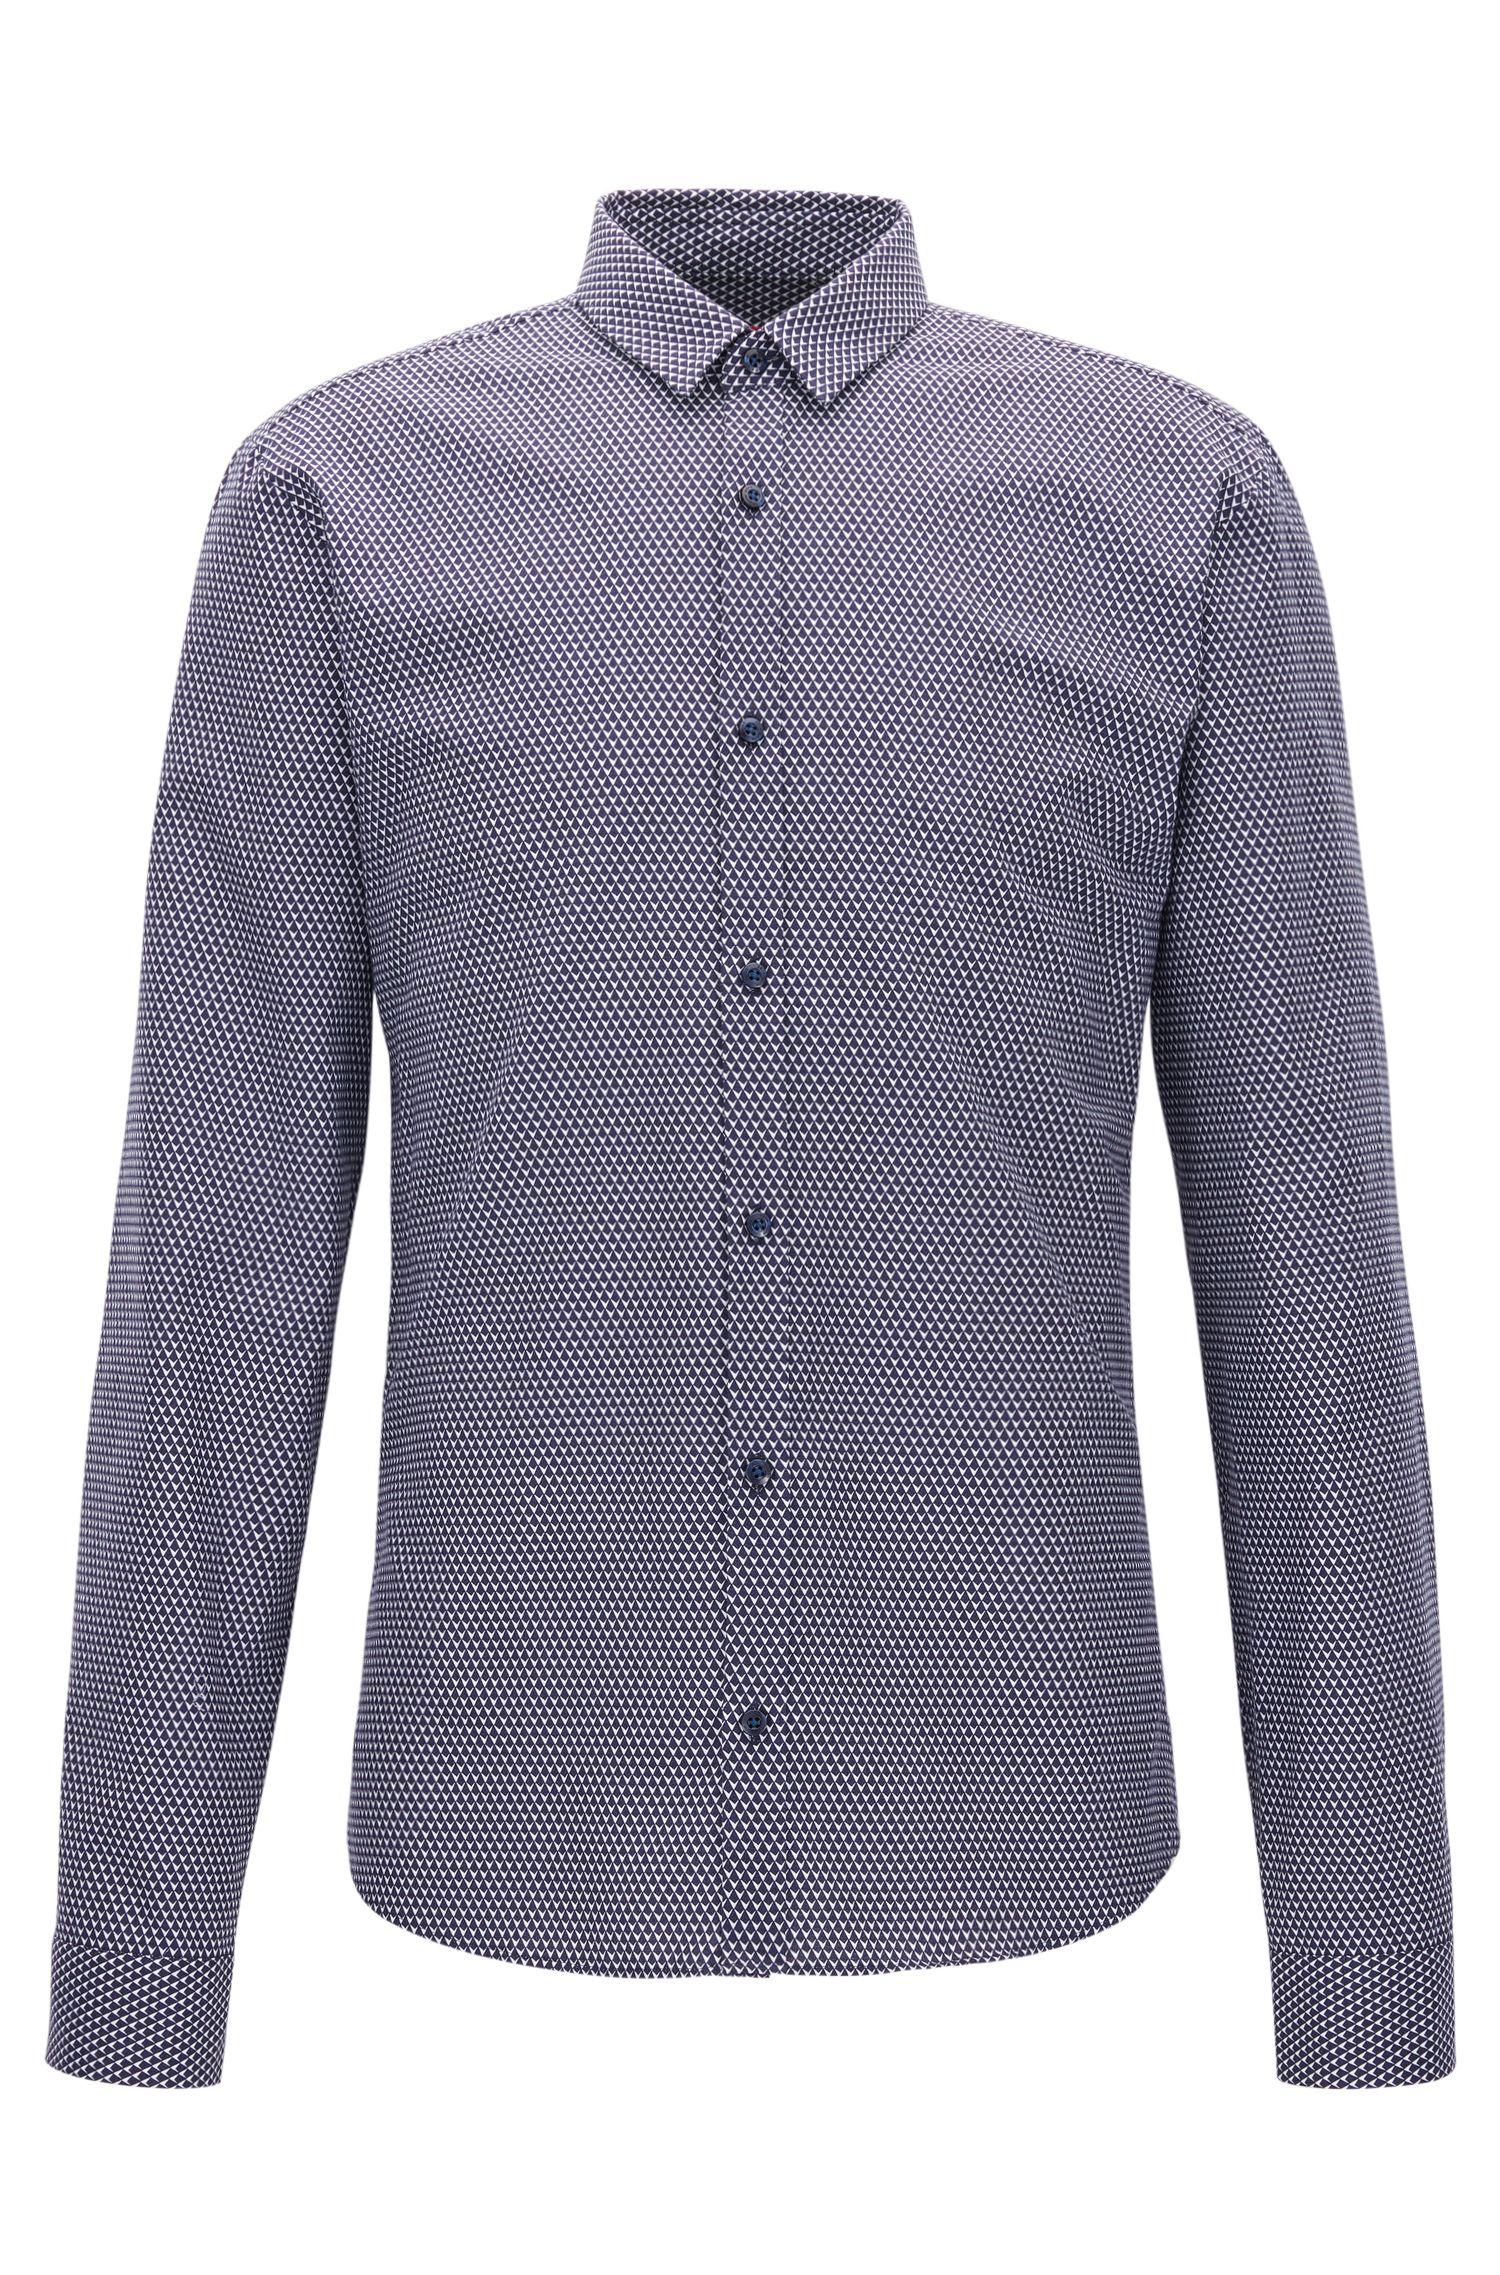 Camisa de pana slim fit de peso medio con microestampado